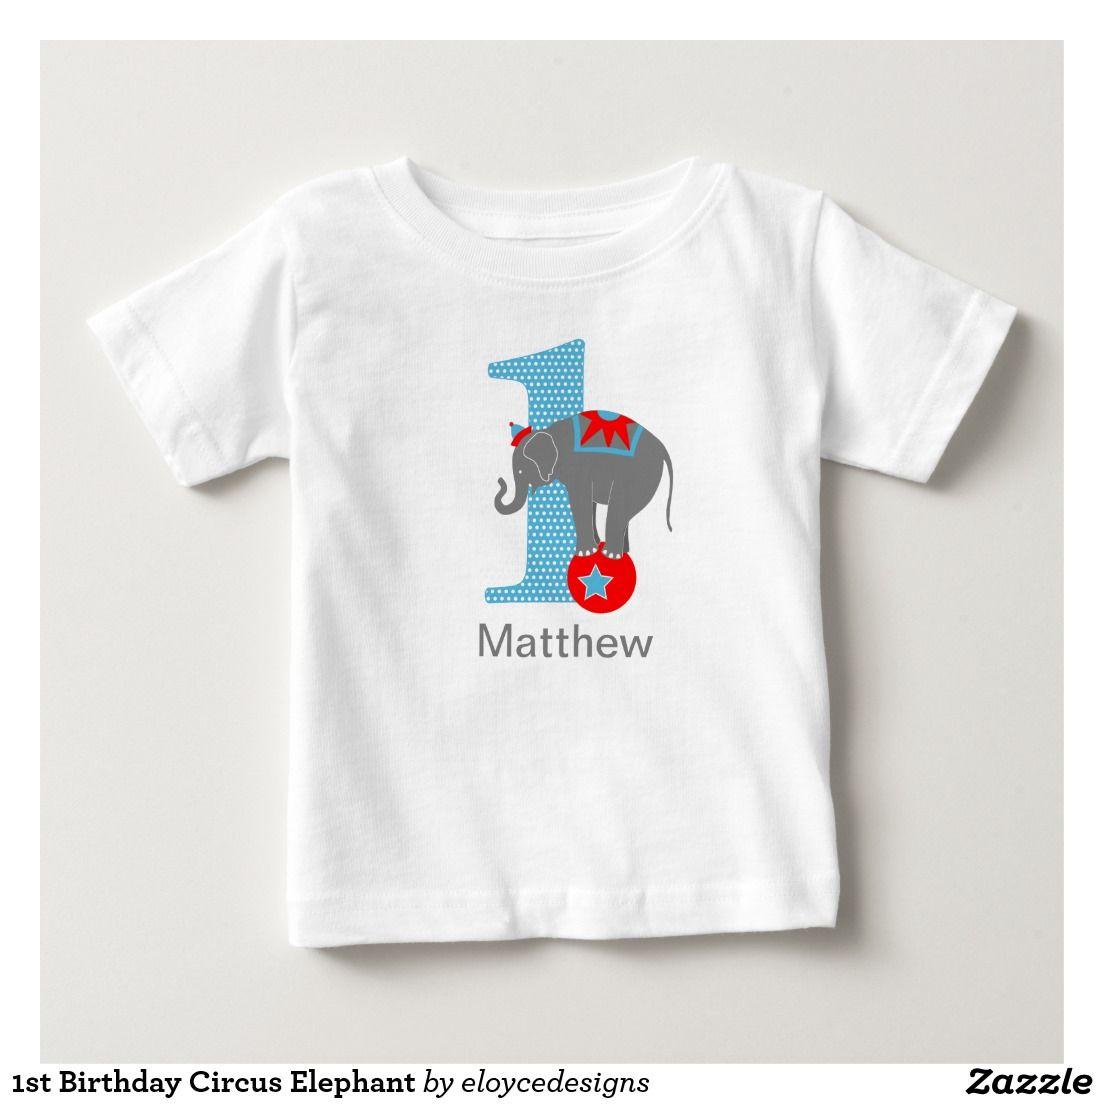 1st Birthday Circus Elephant Tshirt